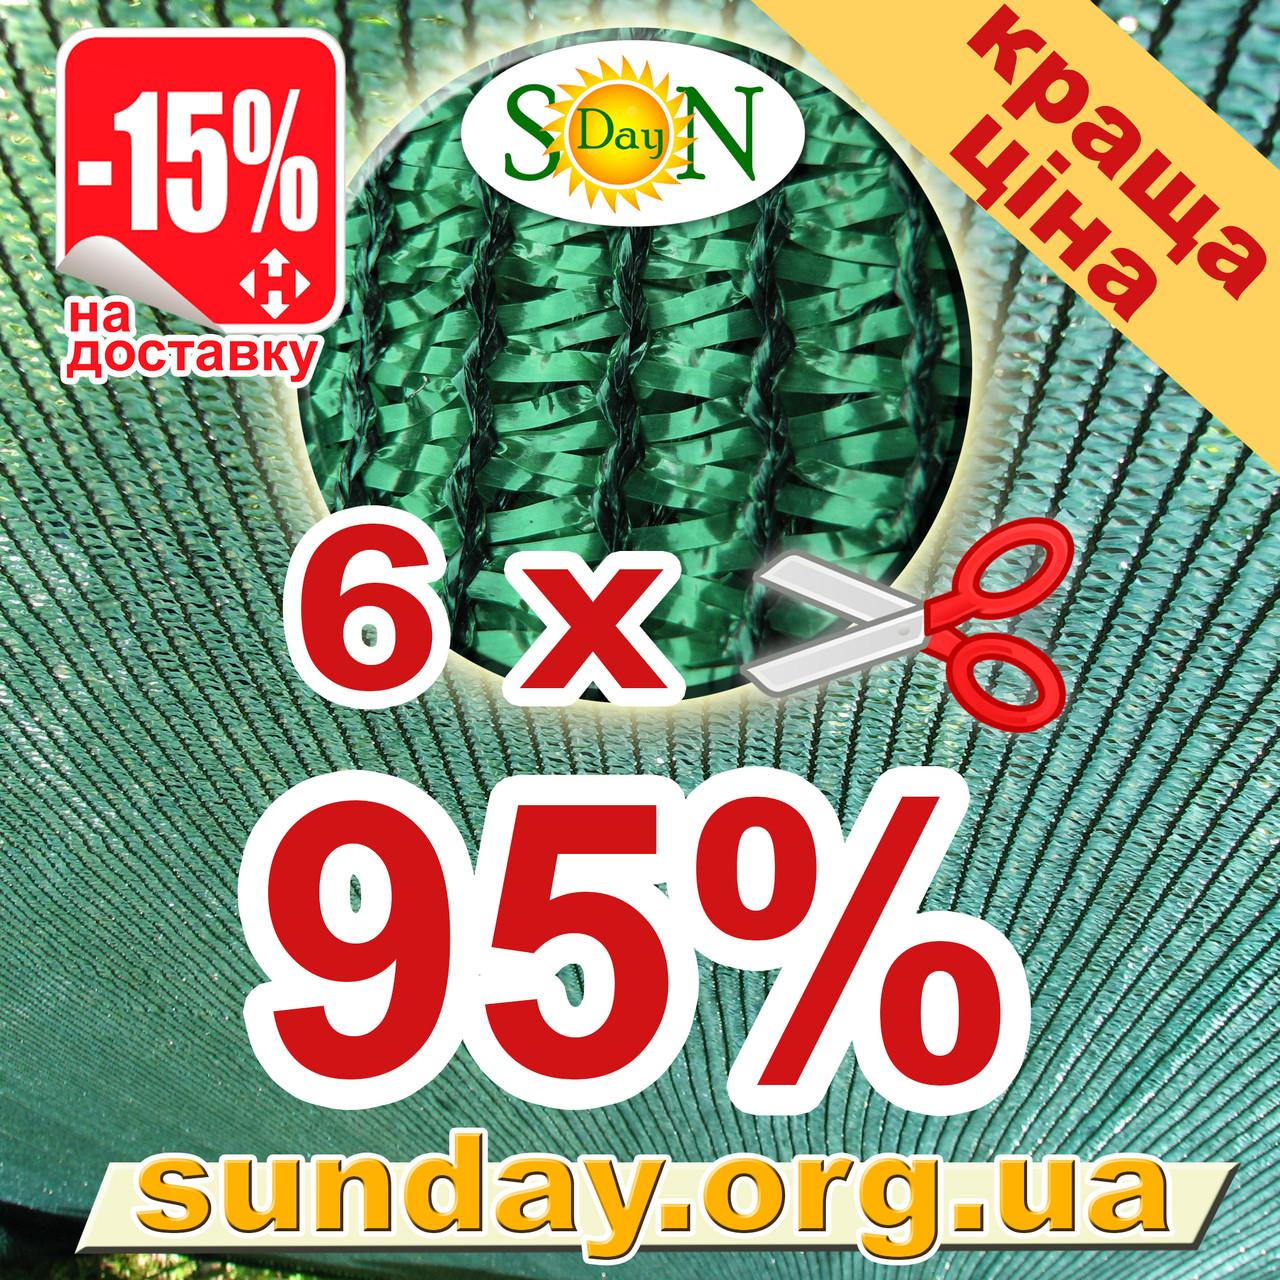 Сітка 6м на відріз 95% затіняюча Угорщина, маскувальна в рулоні.